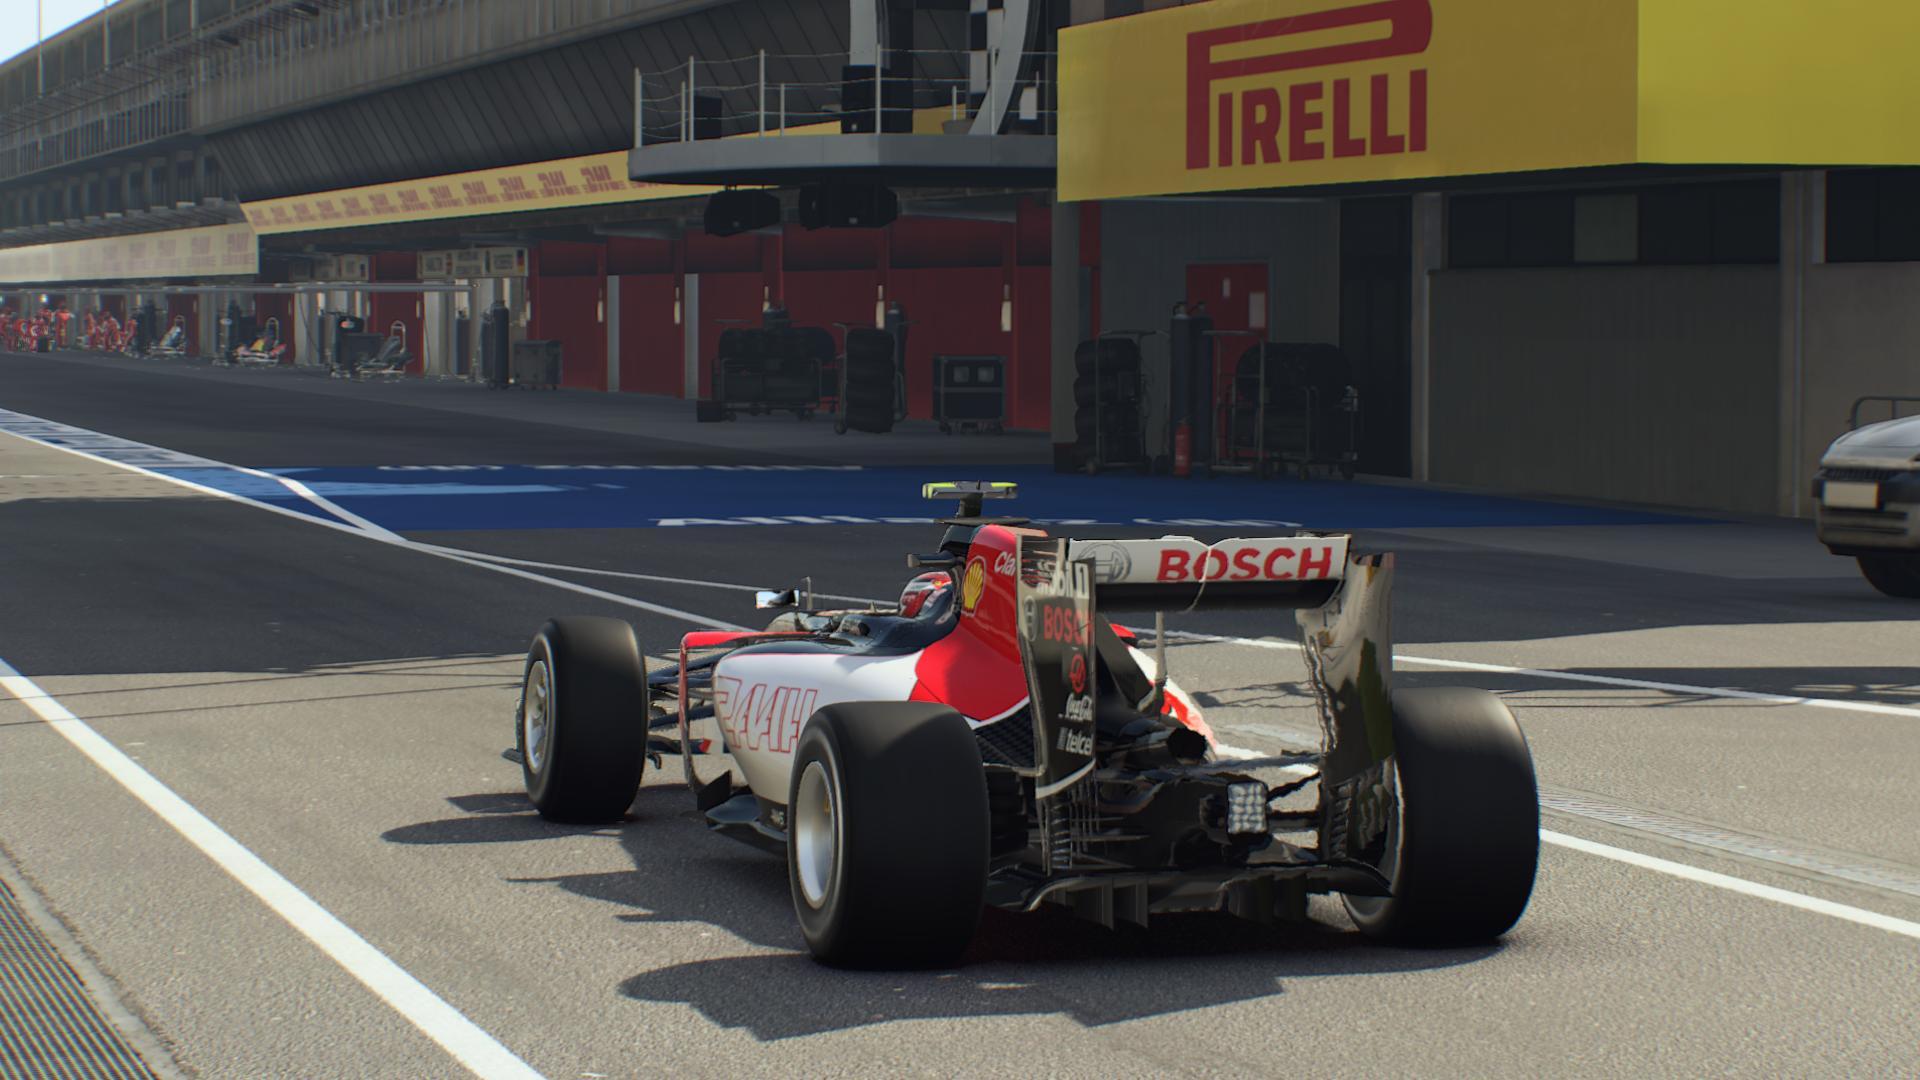 F1_2015 2015-11-21 16-20-37-08.jpg